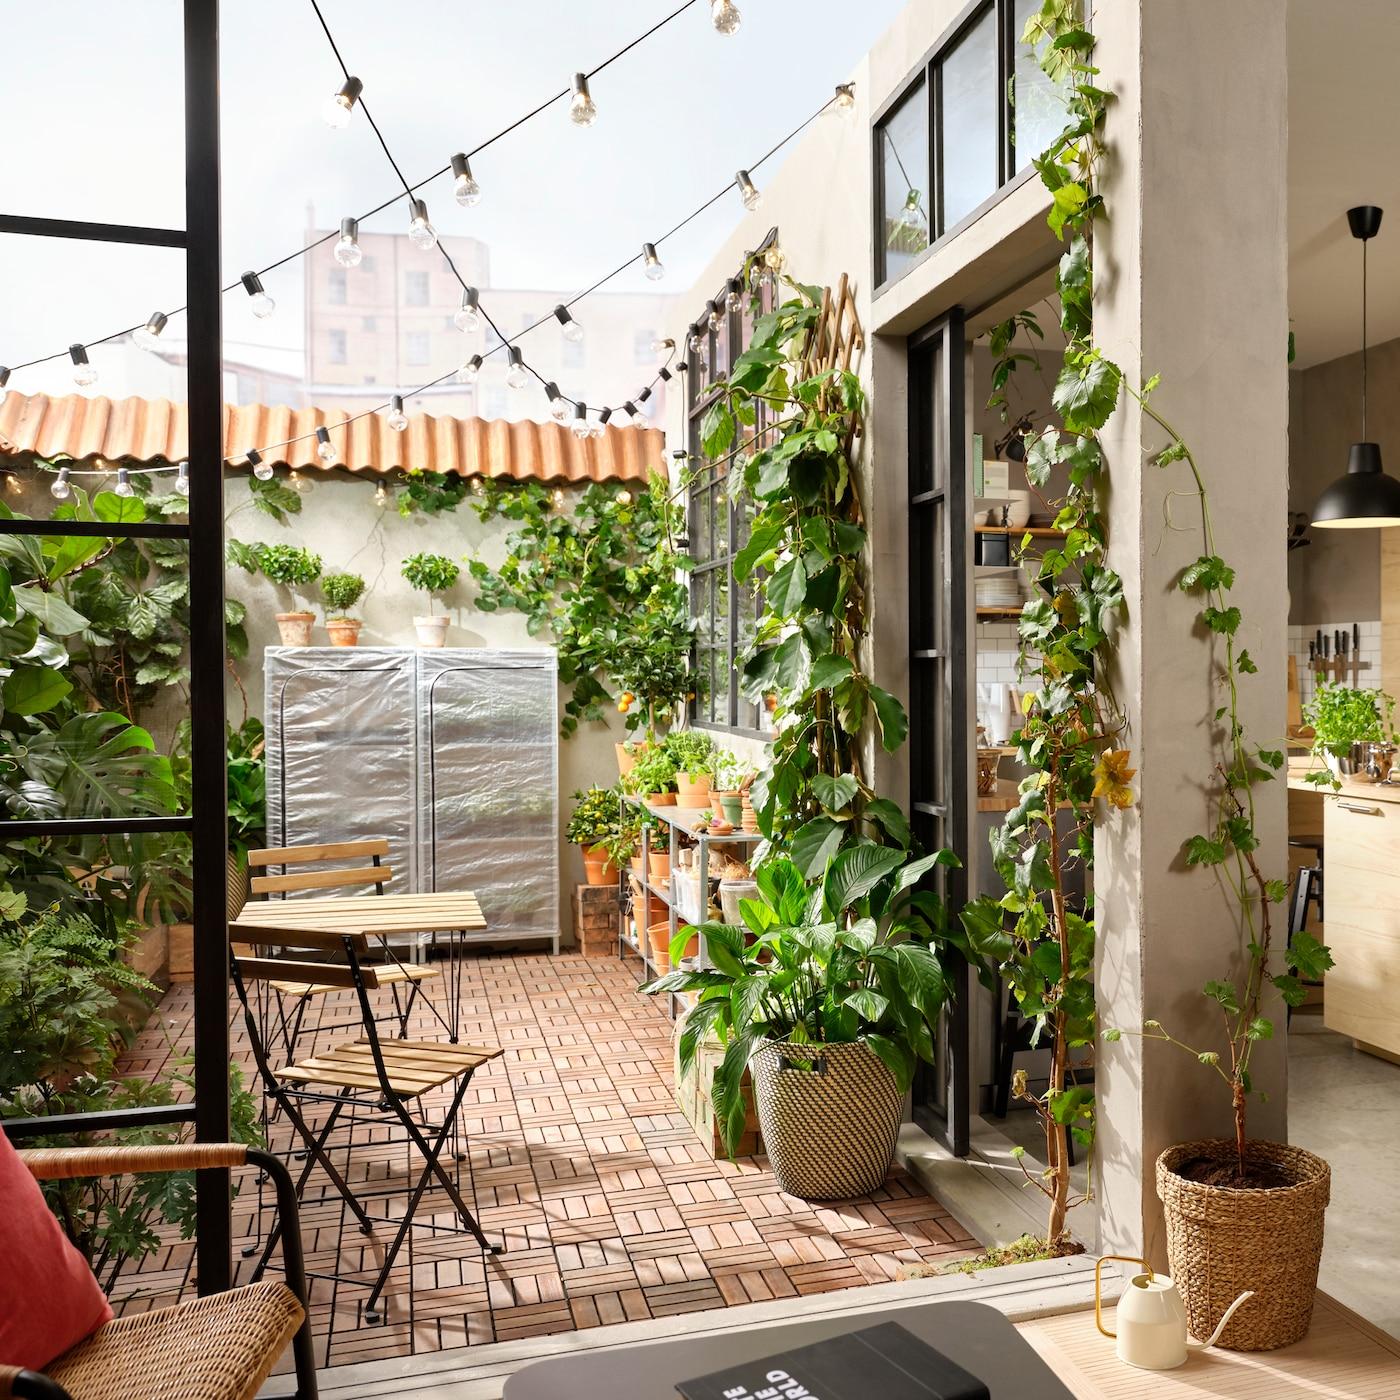 Patio z drewnianą podłogą, mnóstwem zielonych roślin, rozwieszonymi łańcuchami świetlnymi LED oraz stolikiem i dwoma krzesłami ogrodowymi.